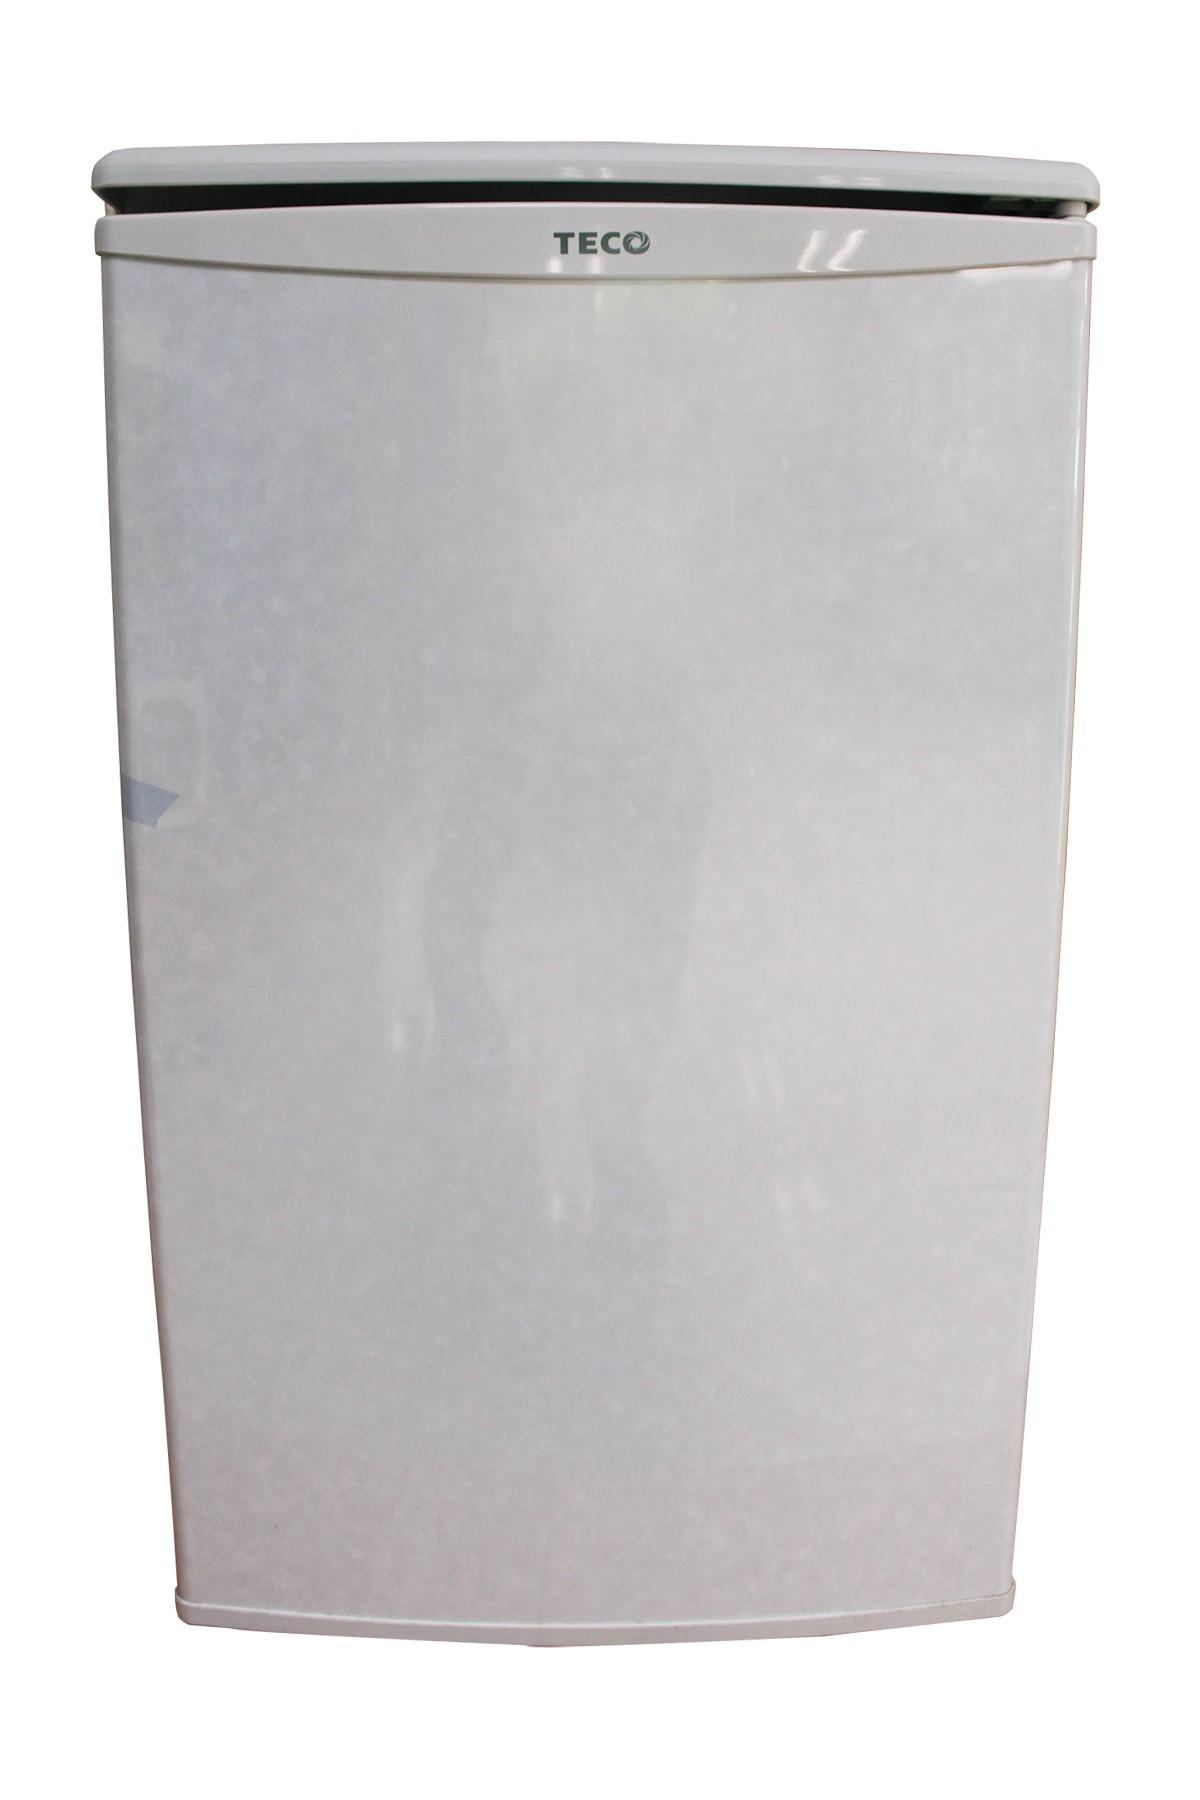 TECO 3.2 cu. ft. Personal Refrigerator